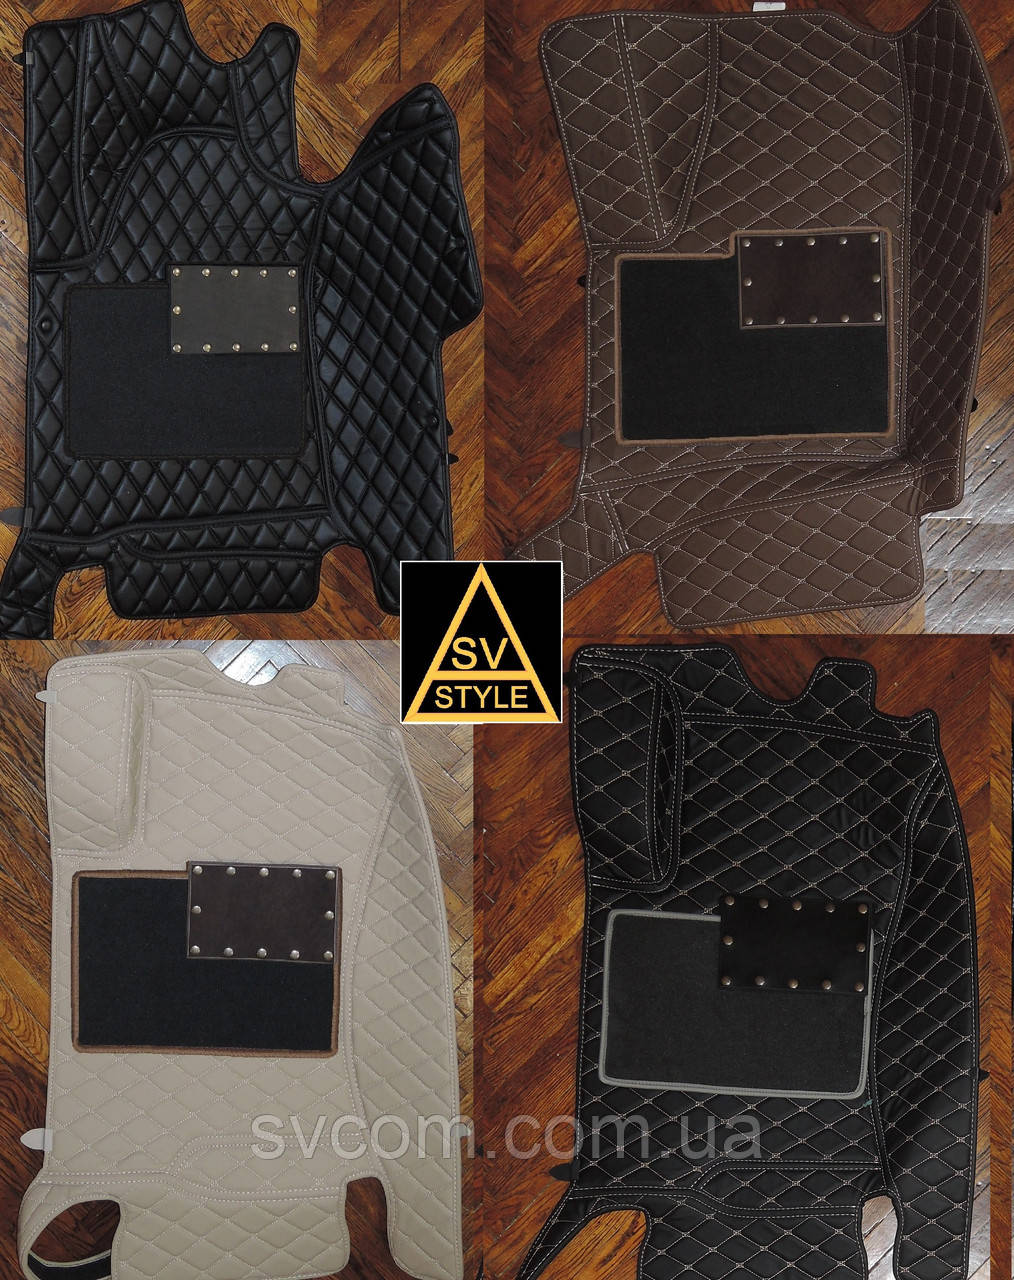 Acura MDX Коврики из Экокожи 3D (YD2 / 2006-2013) с текстильными накидками